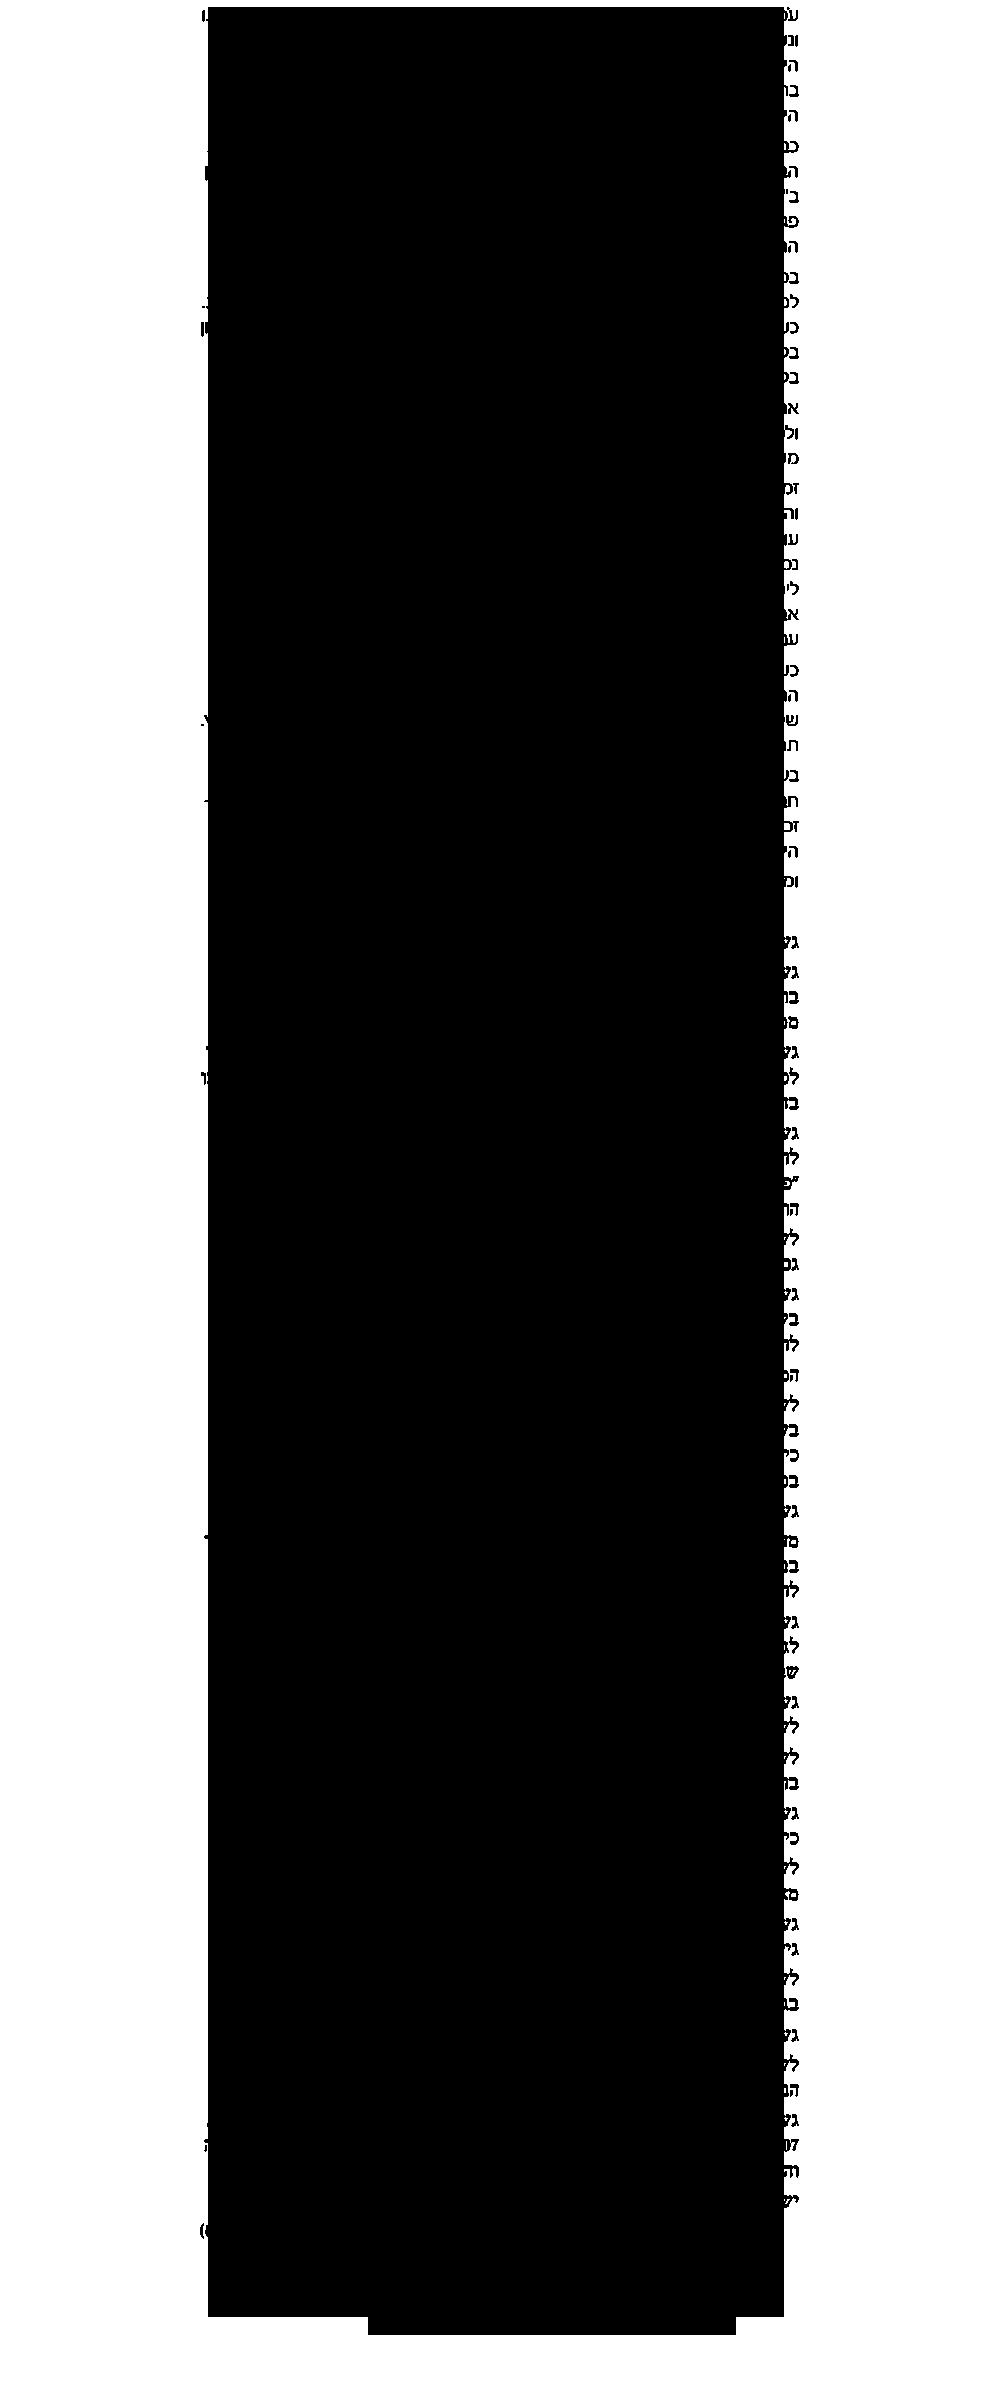 טקסט על עופר עצמוני